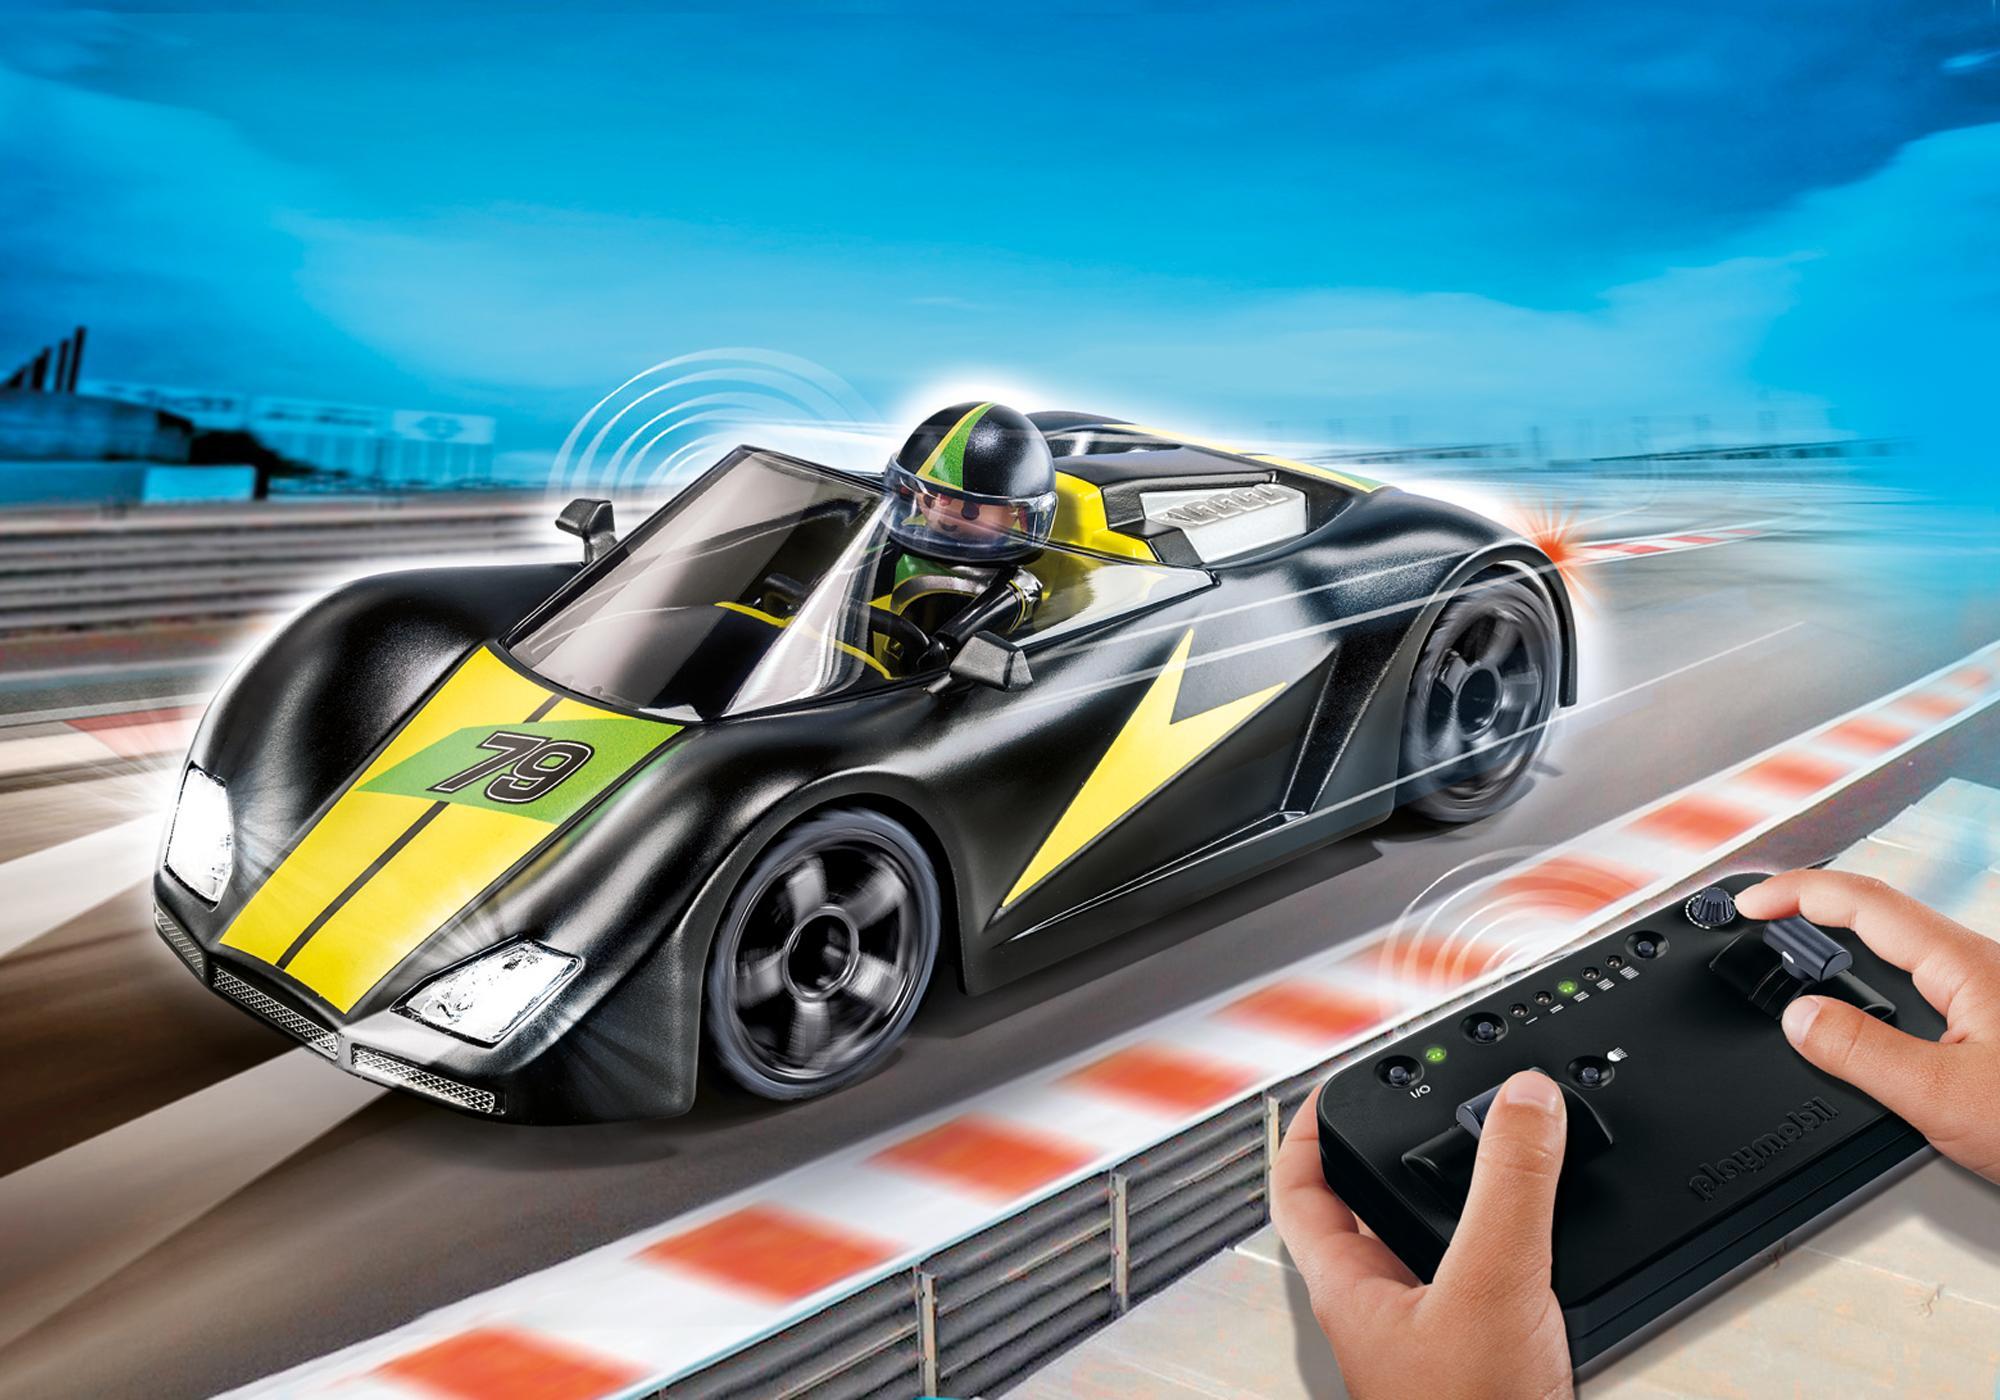 http://media.playmobil.com/i/playmobil/9089_product_detail/Voiture de course noire radiocommandée